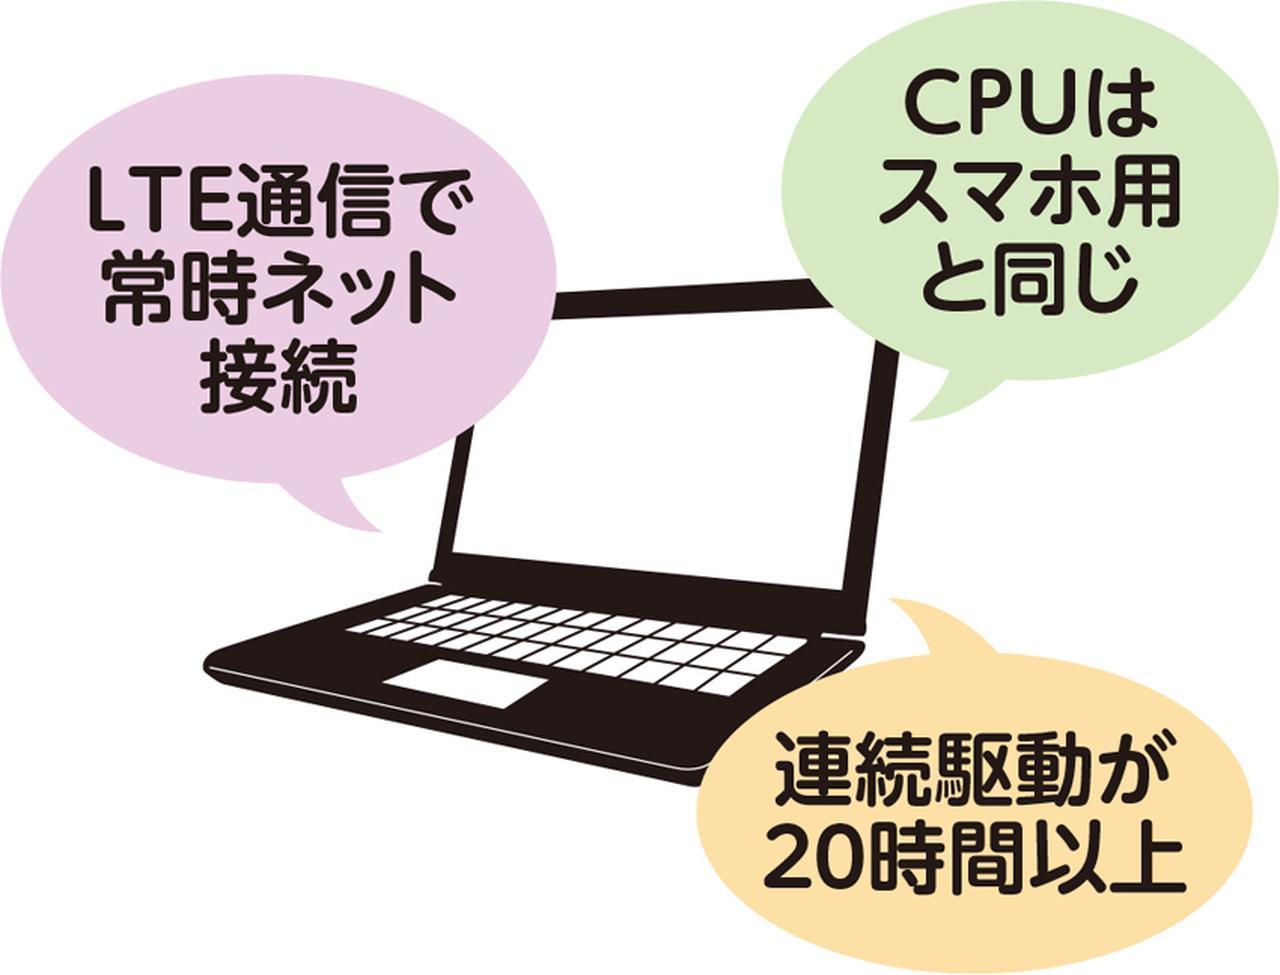 画像: OSには、ストアアプリのみインストール可能なWindows 10 Sを採用。日本での発売は未定だが、早期の発売が期待される。